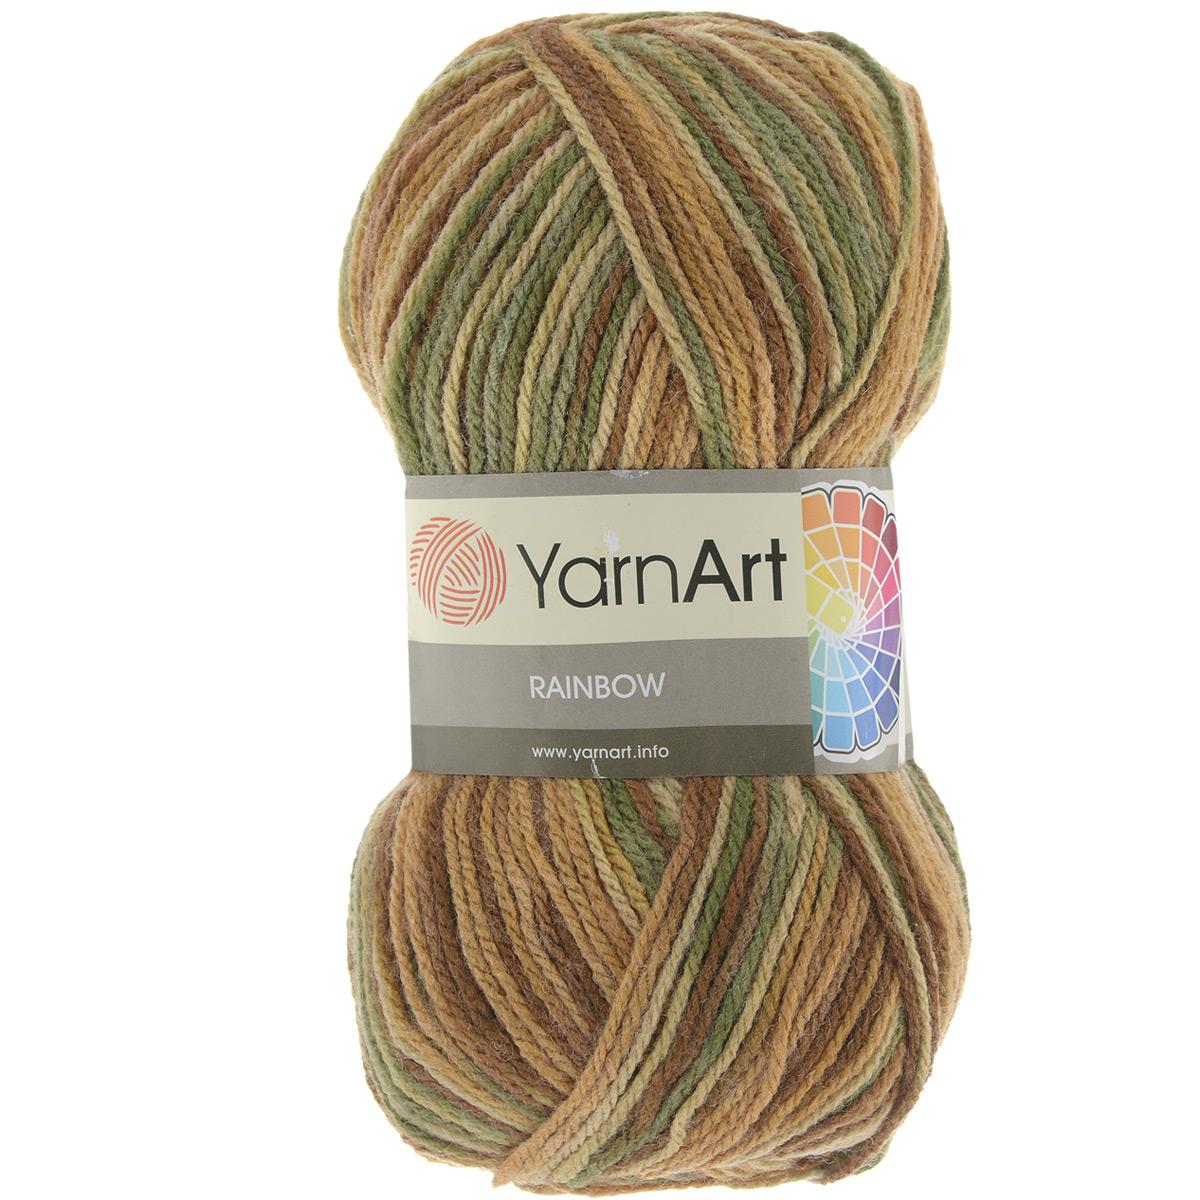 Пряжа для вязания YarnArt Rainbow, цвет: коричневый, бежевый, зеленый (0032), 310 м, 100 г, 5 шт372030_0032В состав пряжи YarnArt Rainbow входит шерсть и волокна акрила. Такой сбалансированный состав обеспечивает готовым вещам удобство и практичность в использовании, а для мастериц спиц и крючка - возможность показать свое искусство. Классическая демисезонная пряжа YarnArt Rainbow - просто находка для вывязывания плотных теплых вещей. Наличие большого выбора расцветок пряжи предоставляет неограниченный простор для воплощения в реальность самых сложных узоров и мотивов. Качественная деликатная нить послушна и в плотной вязке, и в нежном ажуре. Состав: 80% акрил, 20% шерсть. Рекомендованные спицы и крючок 4 мм. Комплектация: 5 мотков.